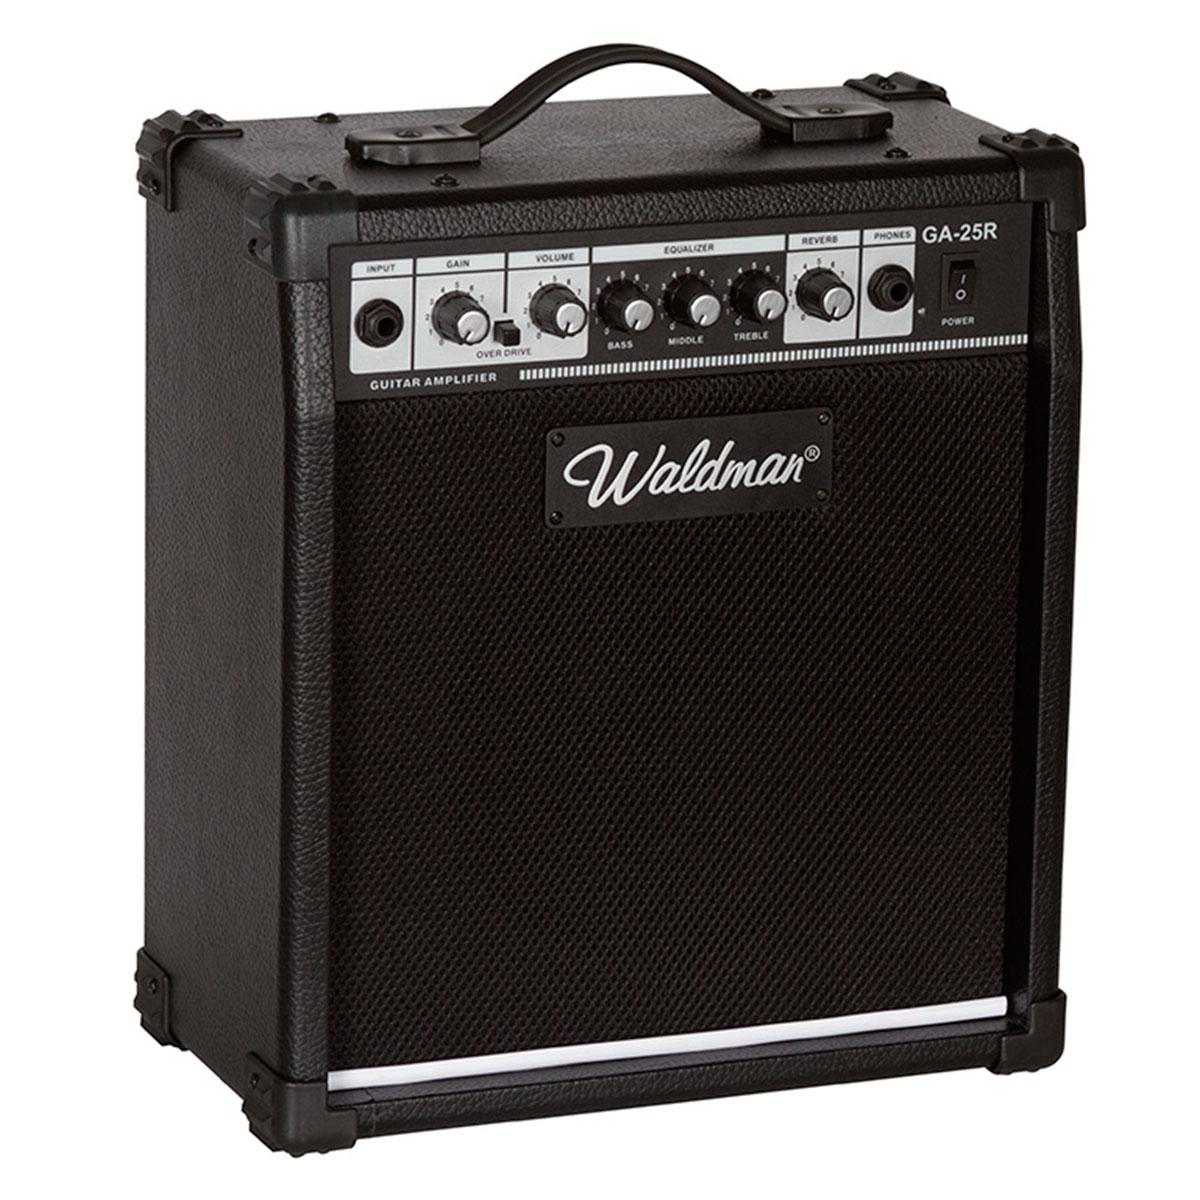 GA25R - Amplificador Combo p/ Guitarra 25W GA 25 R - Waldman